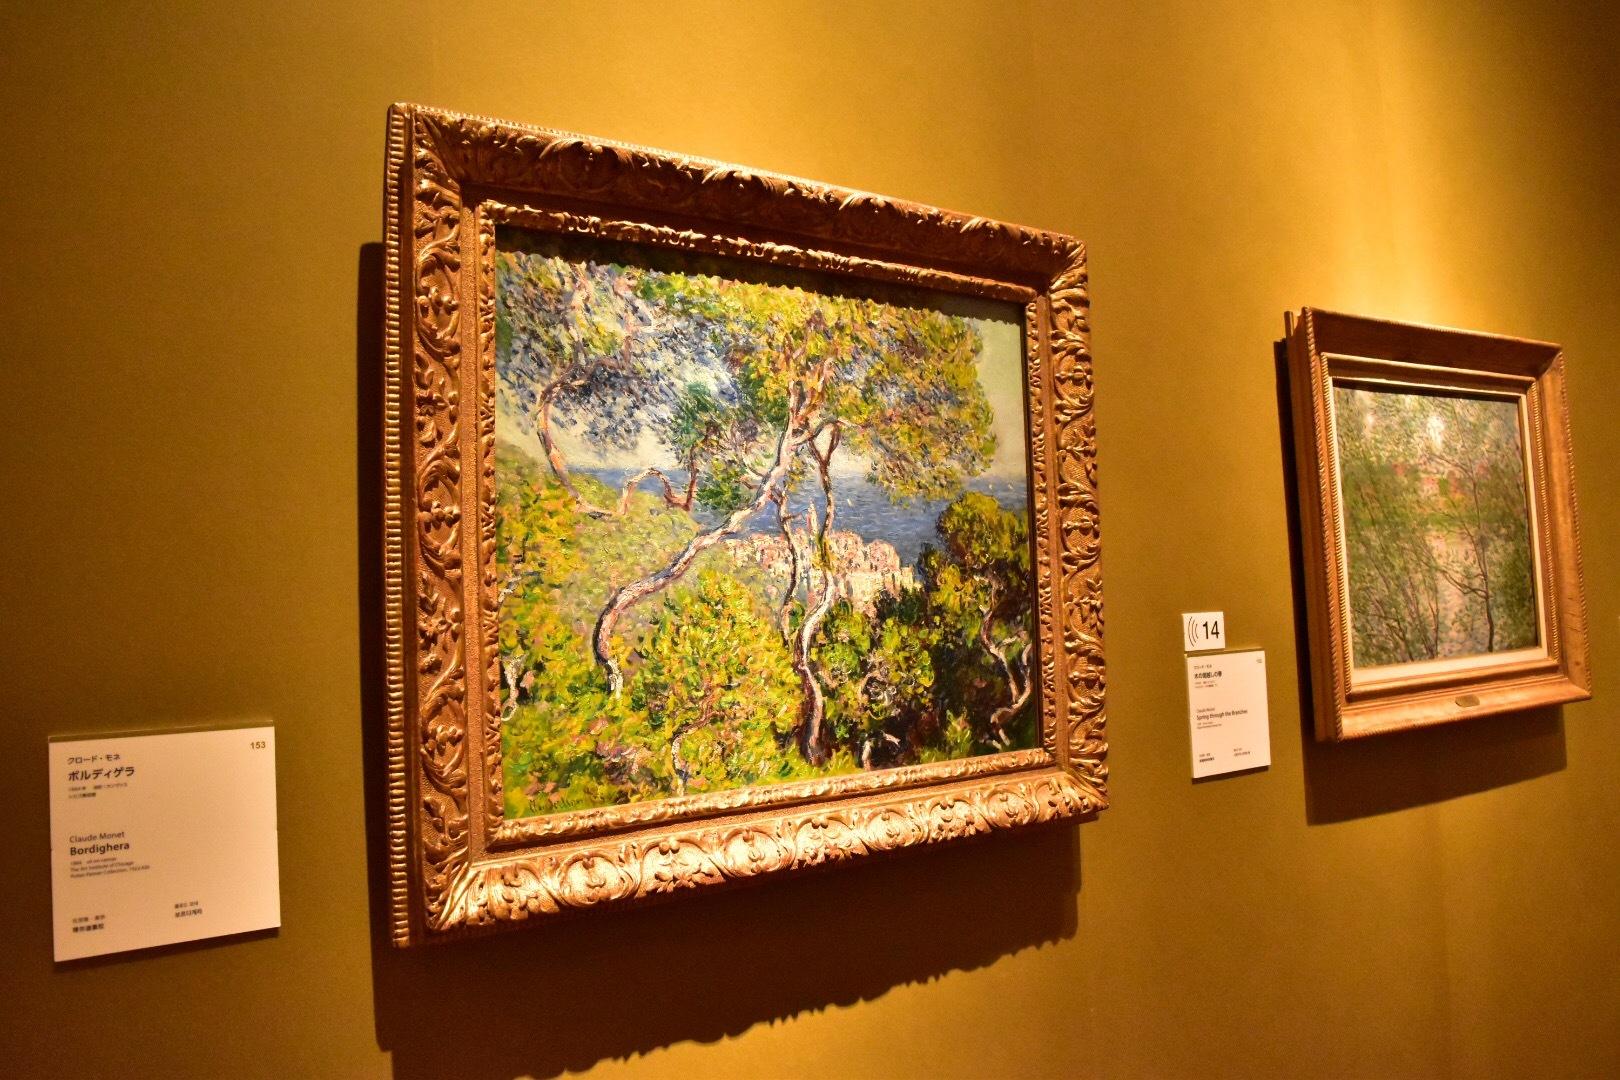 左:クロード・モネ《ボルディゲラ》1884年 シカゴ美術館 右奥:クロード・モネ《木の間越しの春》1878年 マルモッタン・モネ美術館、パリ